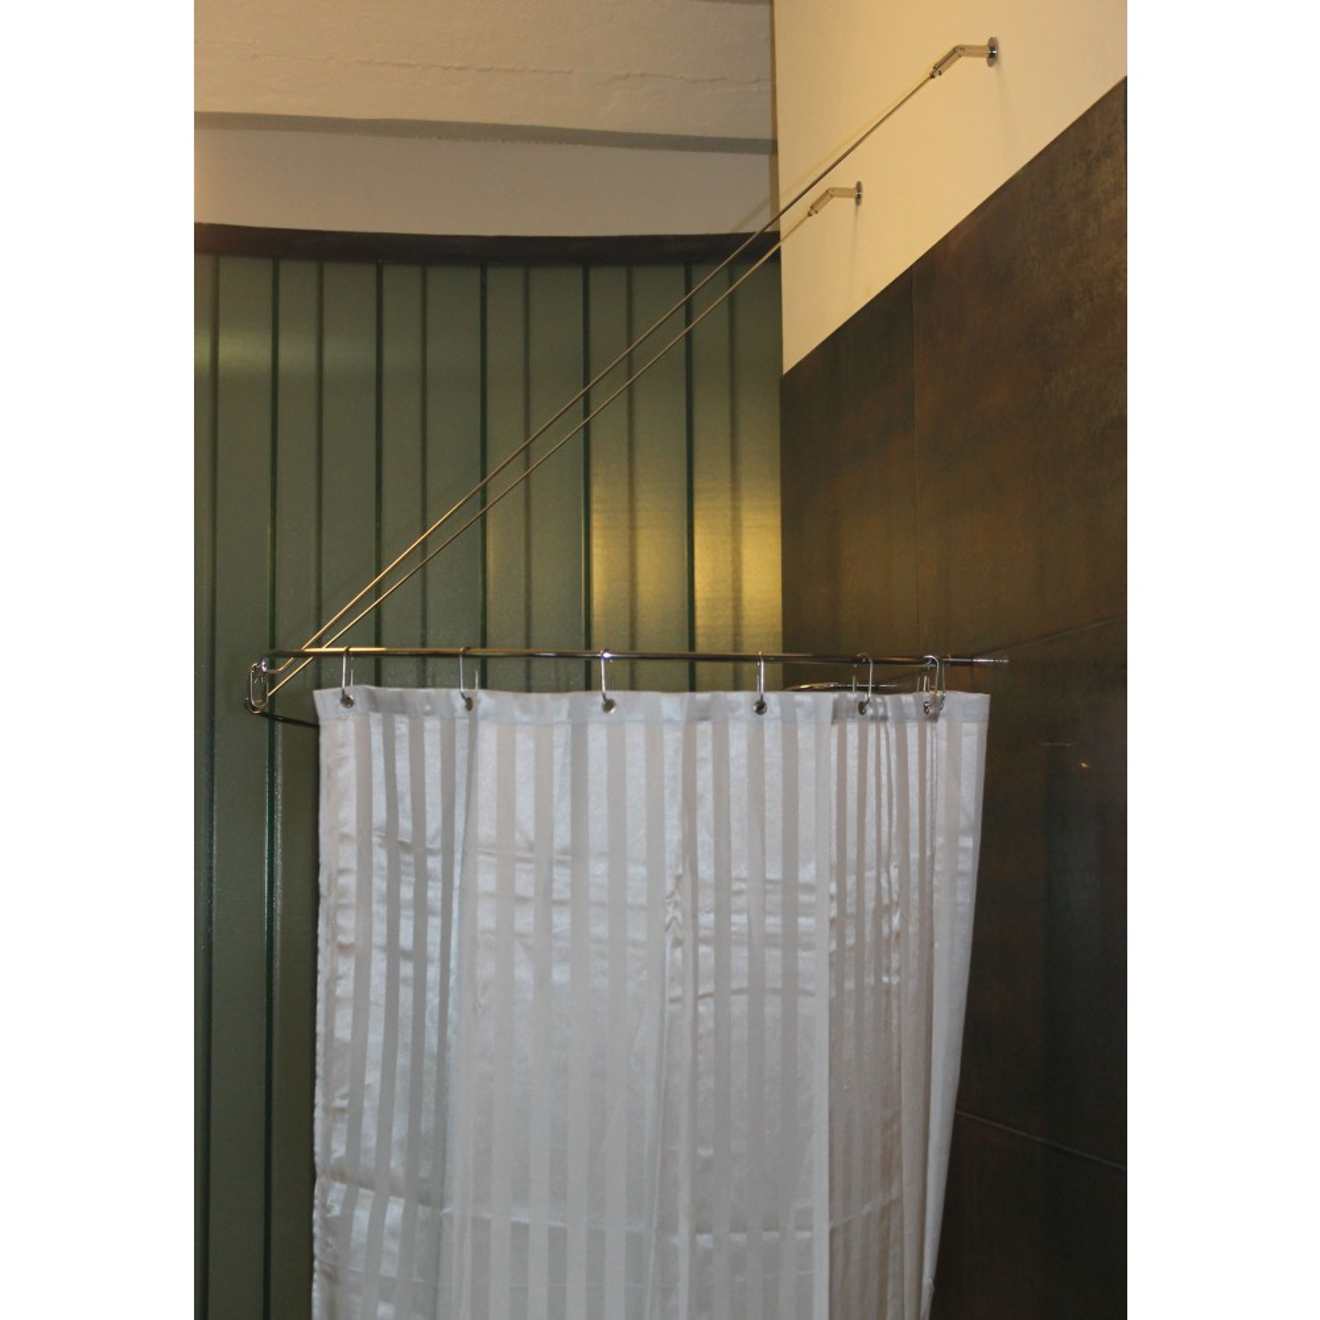 duschvorhangstange edelstahl burschberg manufaktur f r freistehende badewanne mit diagonalen. Black Bedroom Furniture Sets. Home Design Ideas